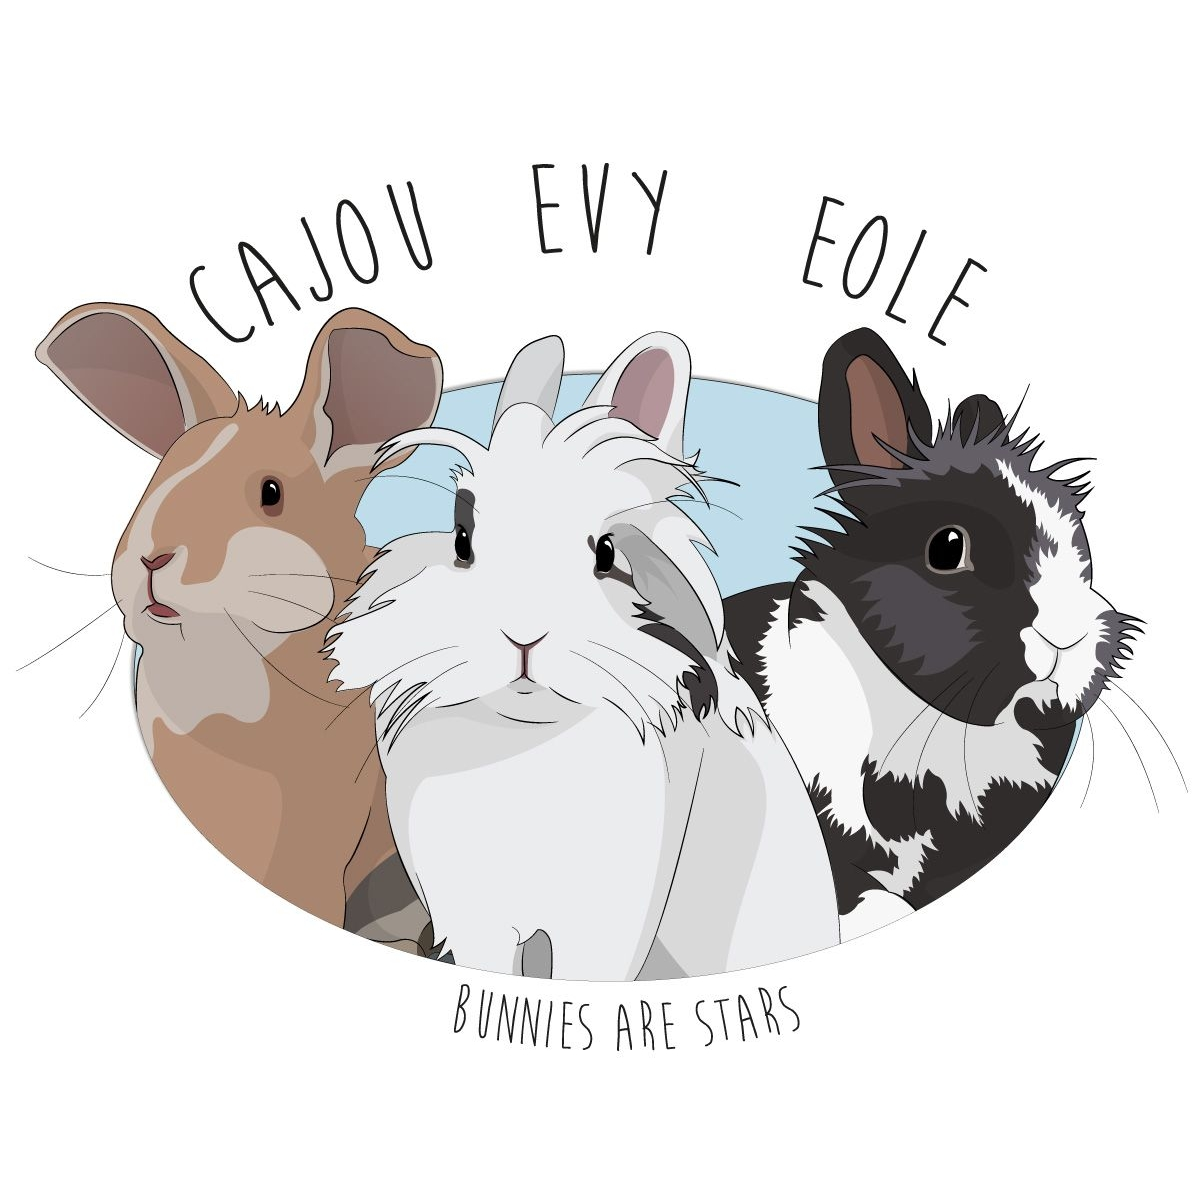 Cajou, Evy et Eole